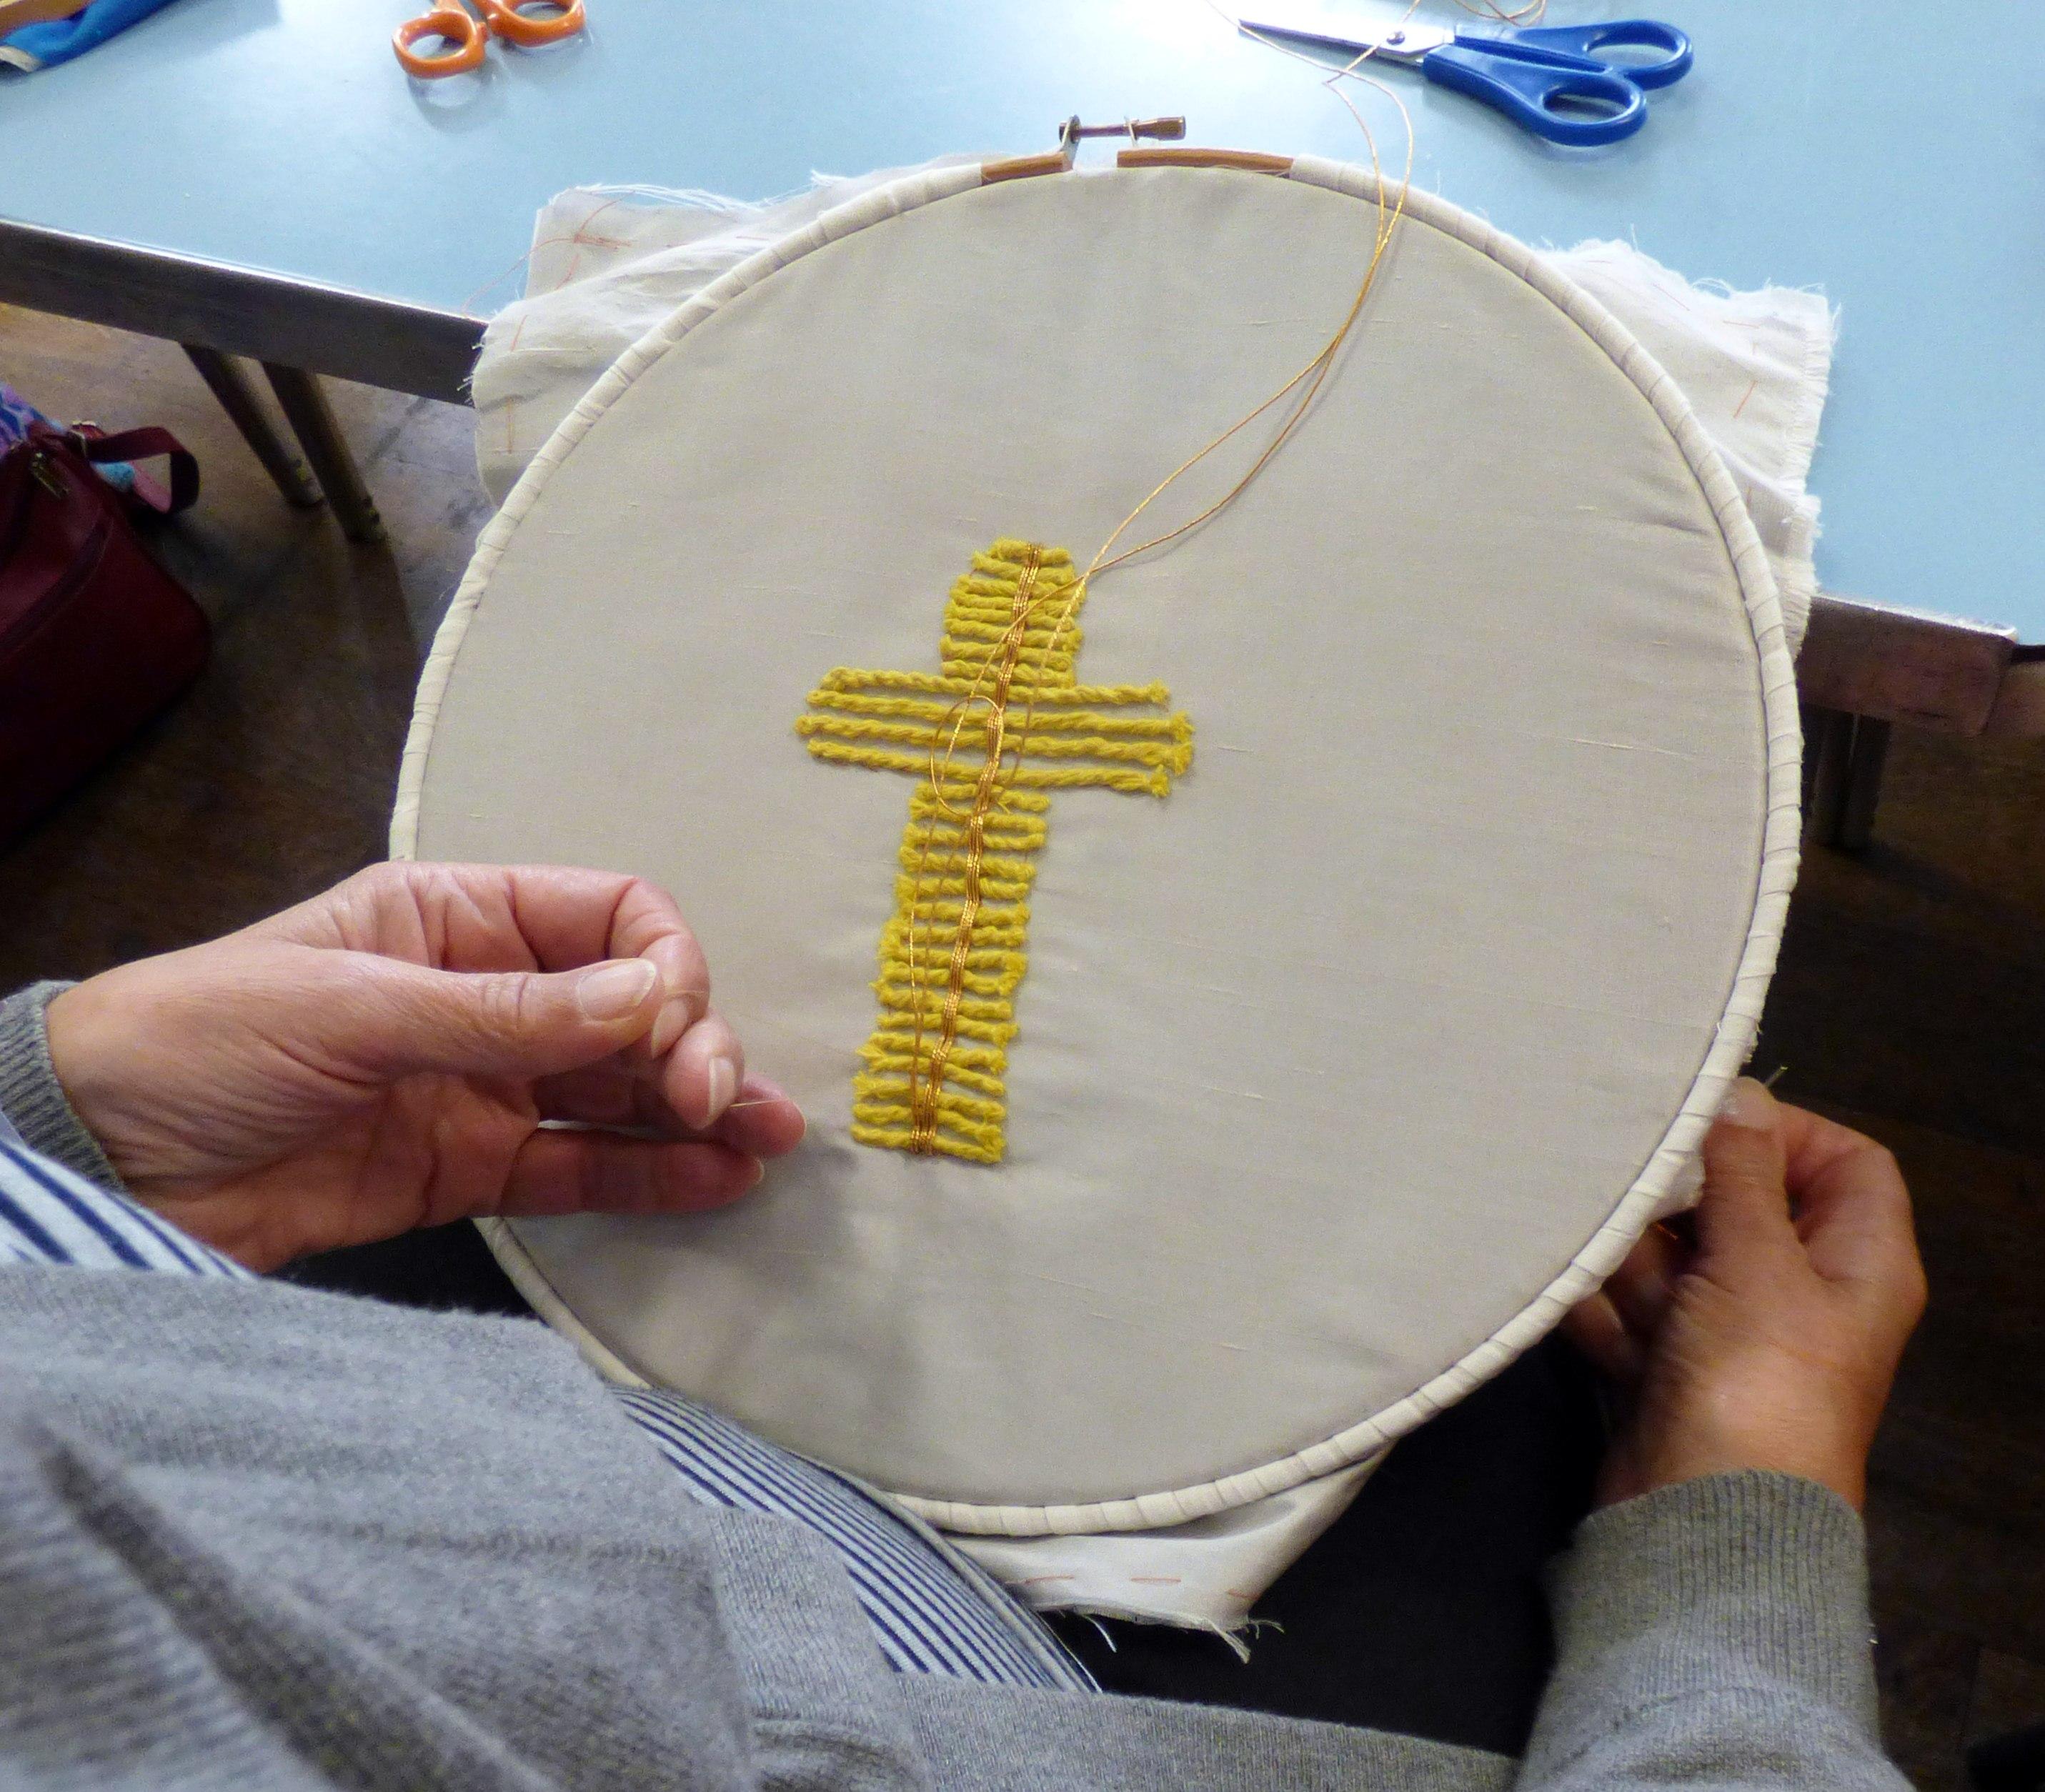 Student's work at Basketweave in Goldwork Workshop, April 2018